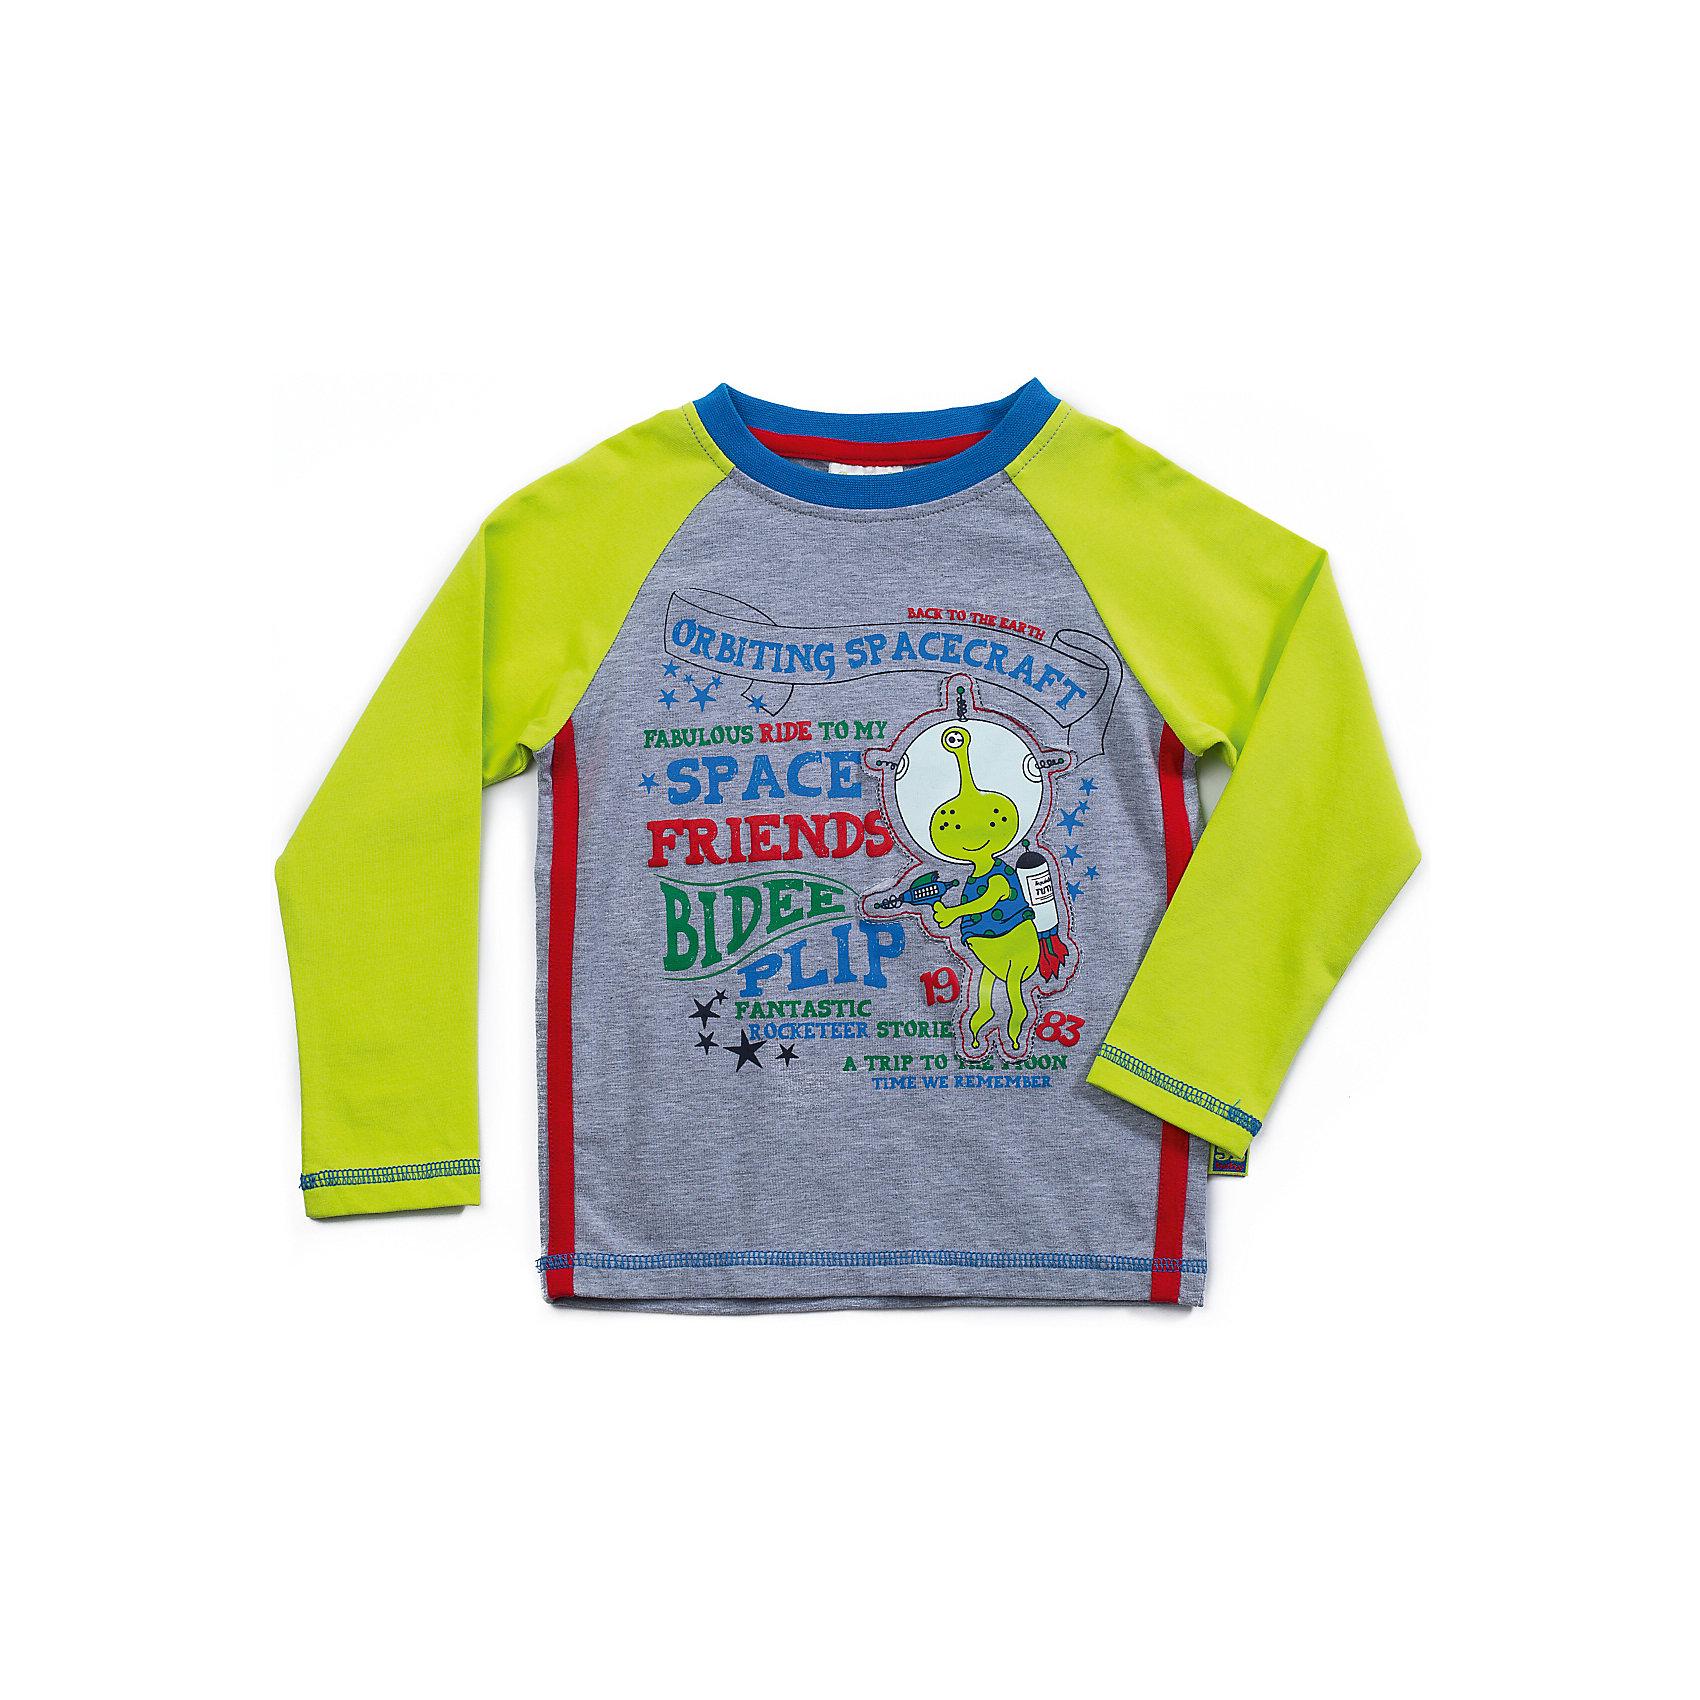 Футболка с длинным рукавом для мальчика Sweet BerryФутболки с длинным рукавом<br>Яркая футболка с длинным рукавом для мальчика. Горловина из трикотажной эластичной резинки контрастного цвета. Футболка декорированна весёлым, ярким принтом, контрастными отделочными строчками и трикотажными полосками. <br>Состав: <br>95% хлопок, 5% эластан<br><br>Ширина мм: 230<br>Глубина мм: 40<br>Высота мм: 220<br>Вес г: 250<br>Цвет: grau/gr?n<br>Возраст от месяцев: 12<br>Возраст до месяцев: 18<br>Пол: Мужской<br>Возраст: Детский<br>Размер: 86,80,98,92<br>SKU: 4291464